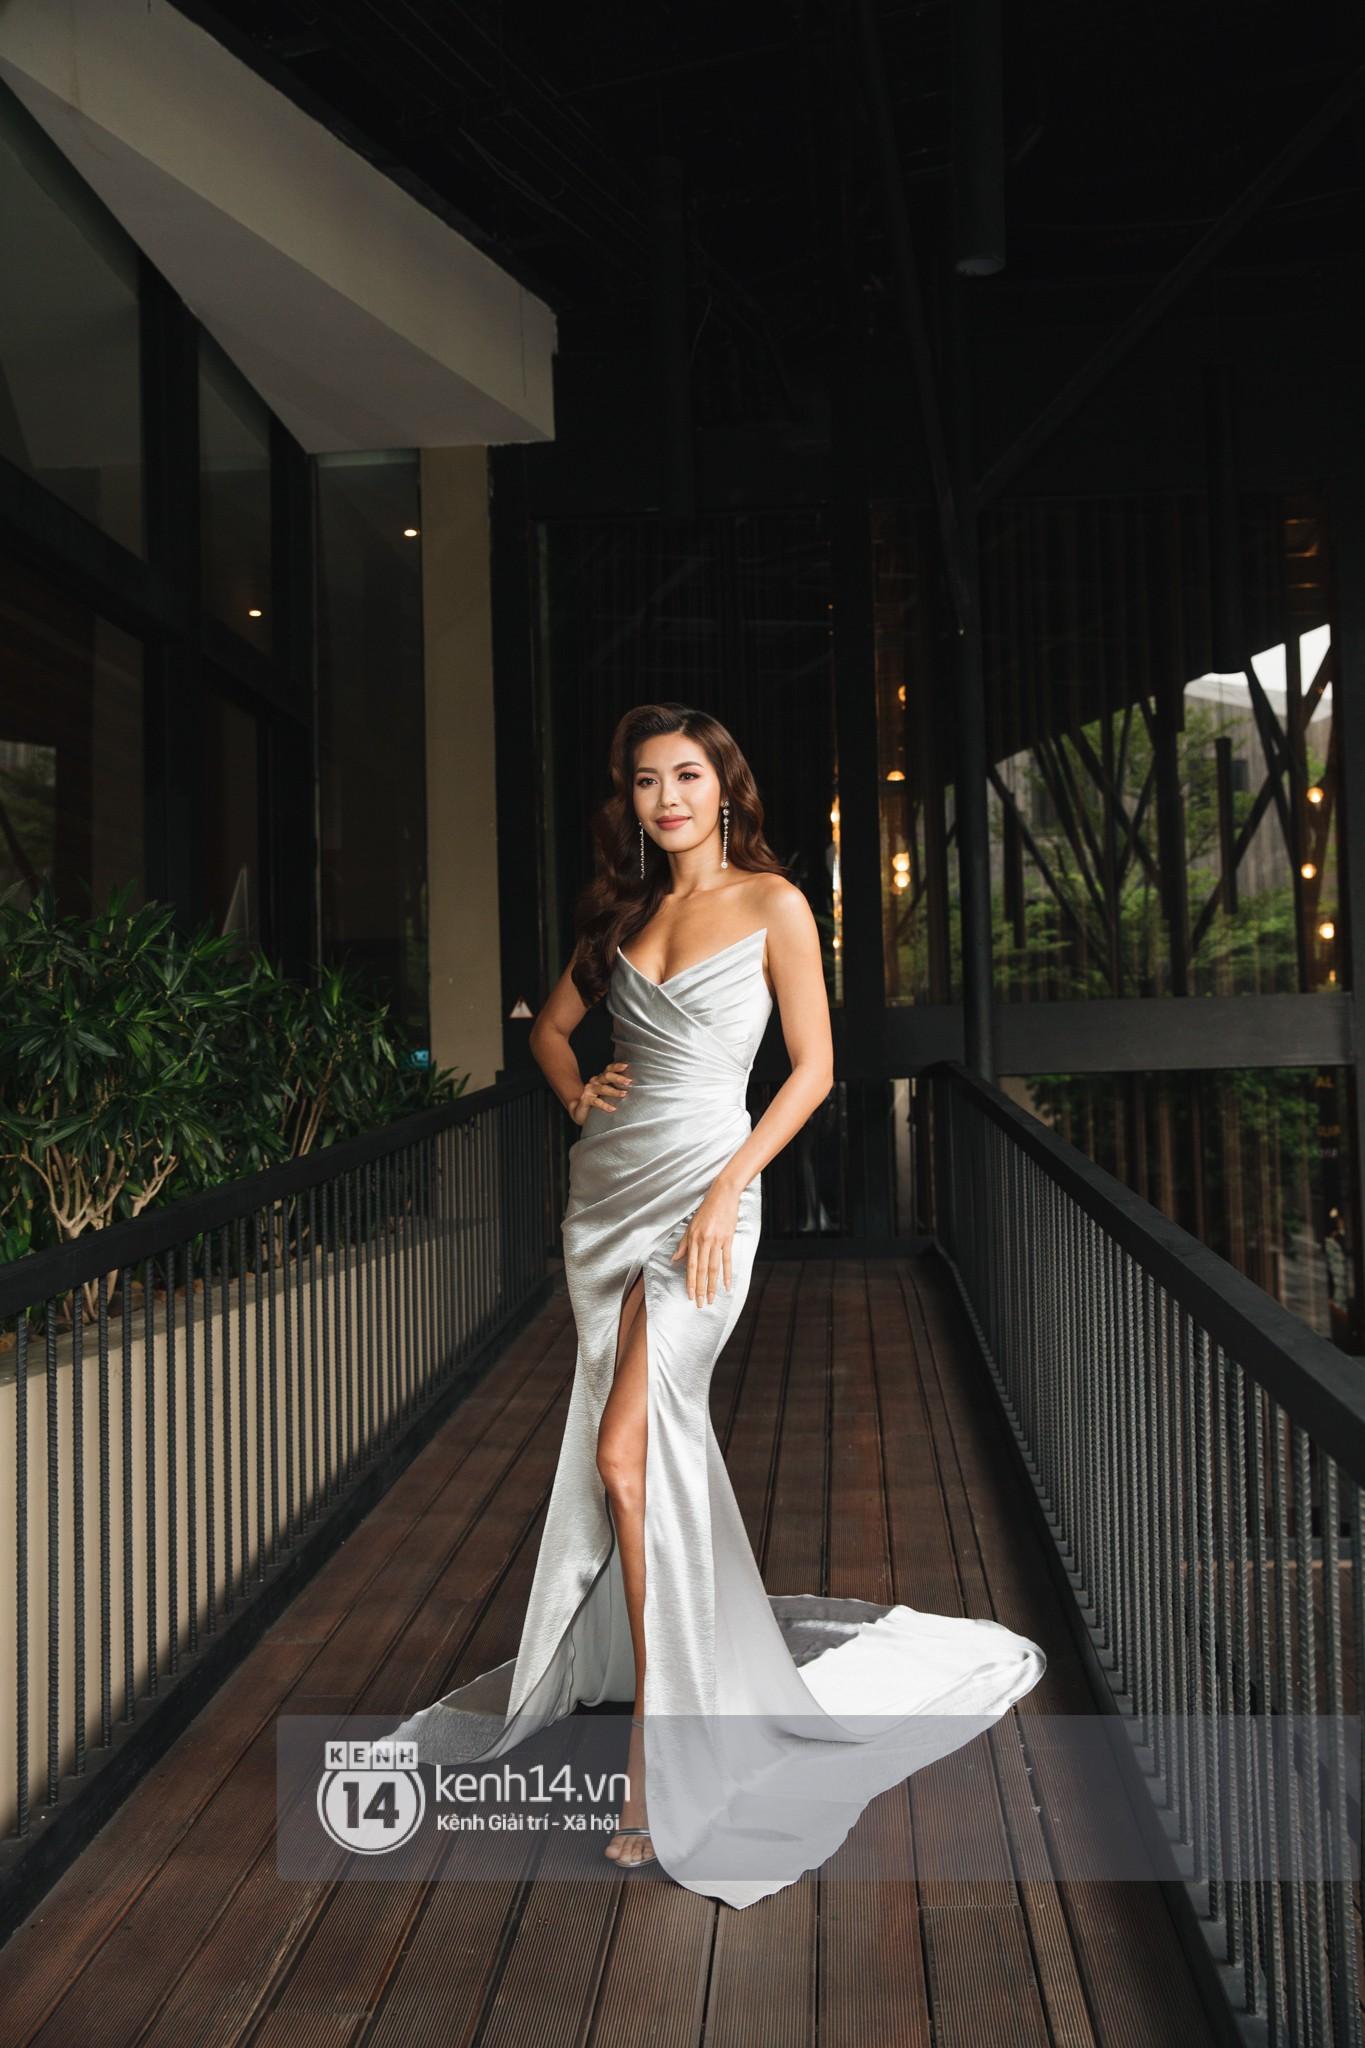 HOT: Minh Tú chính thức đại diện Việt Nam tham dự Miss Supranational 2018 - Ảnh 8.